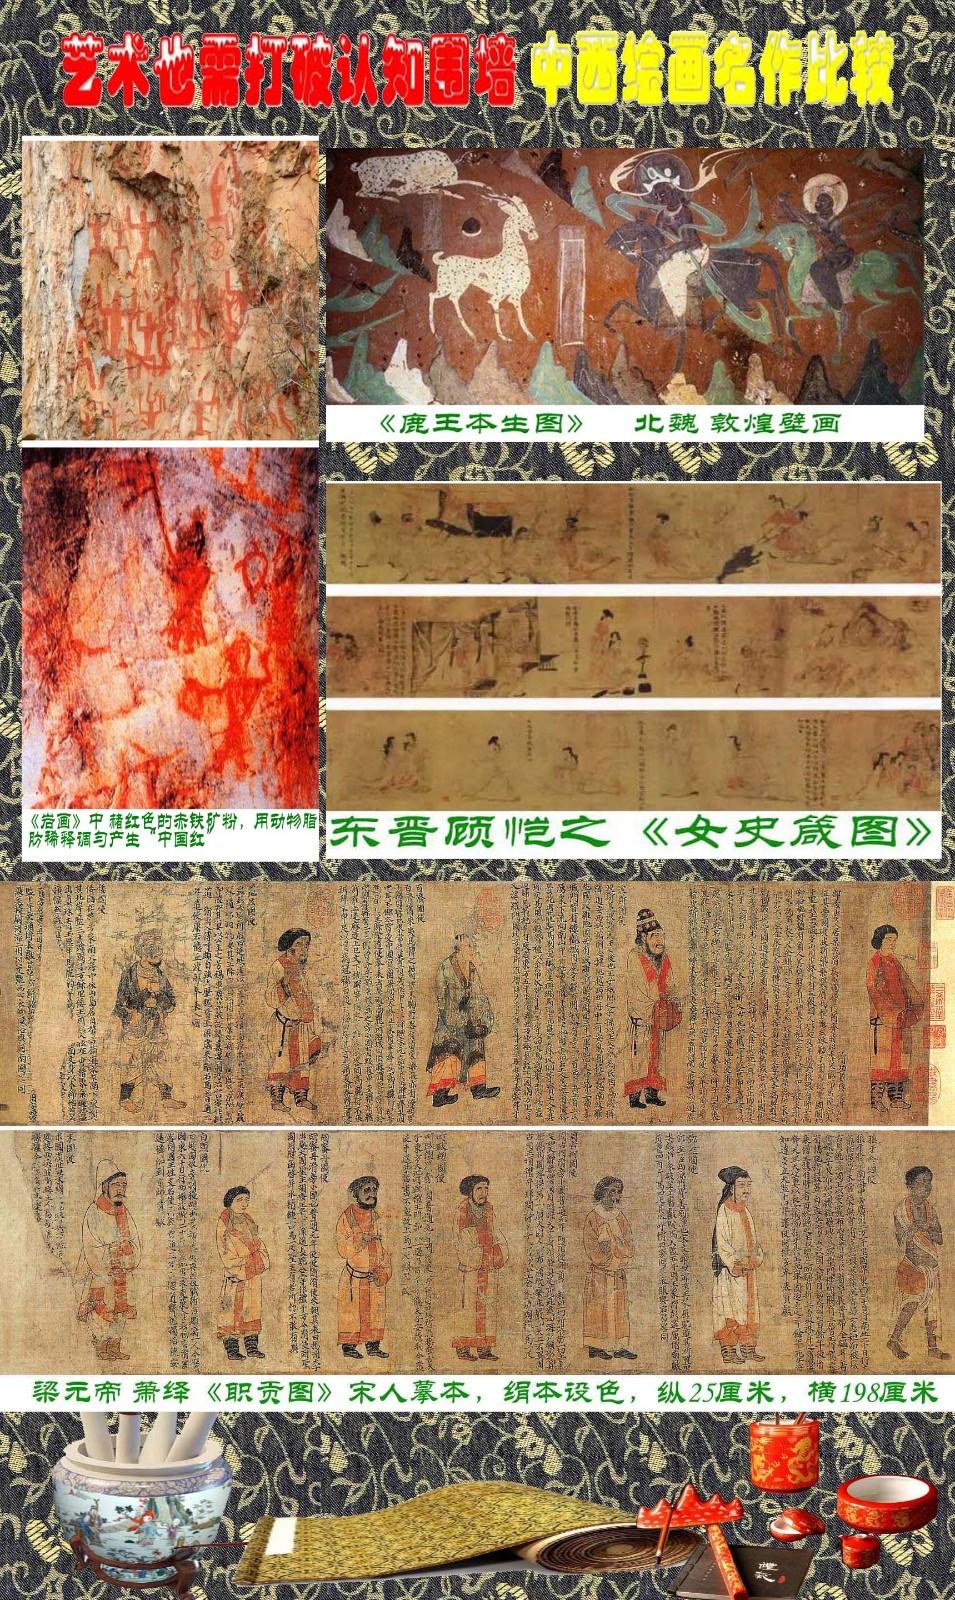 艺术需打破认知围墙  中西绘画名作比较_图1-4